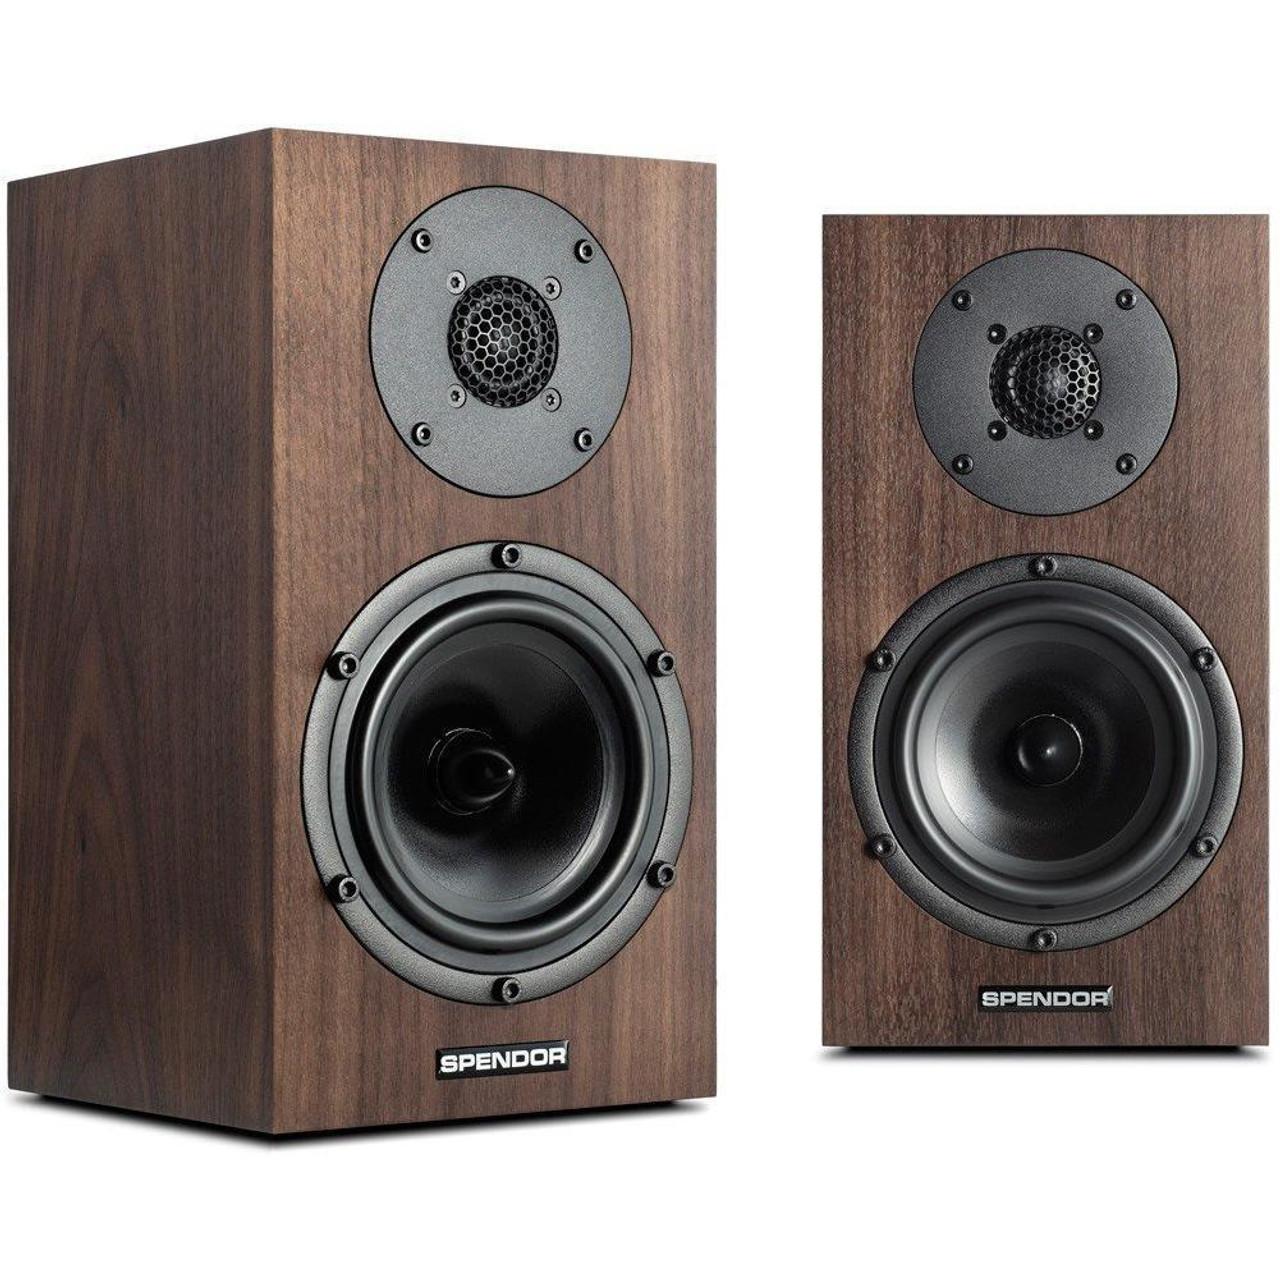 Spendor A1 speakers